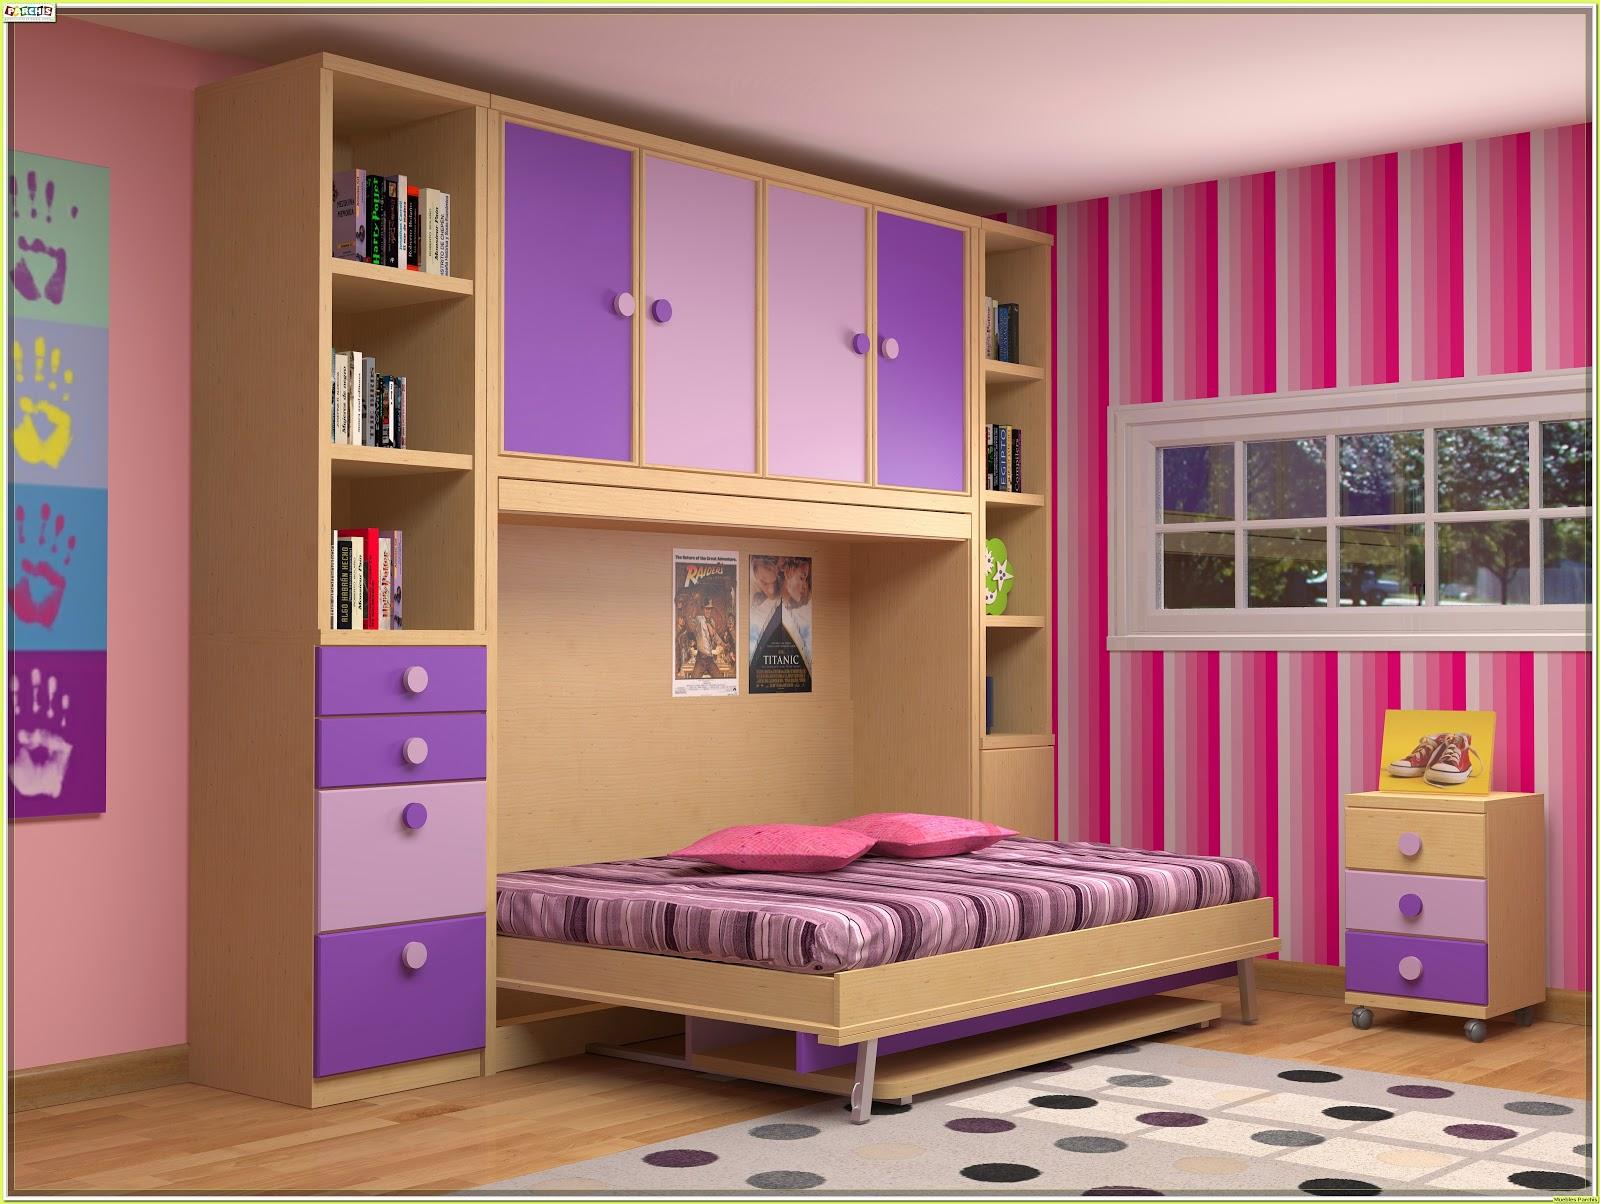 Tiendas De Muebles Infantiles En Madrid : Muebles juveniles dormitorios infantiles y habitaciones